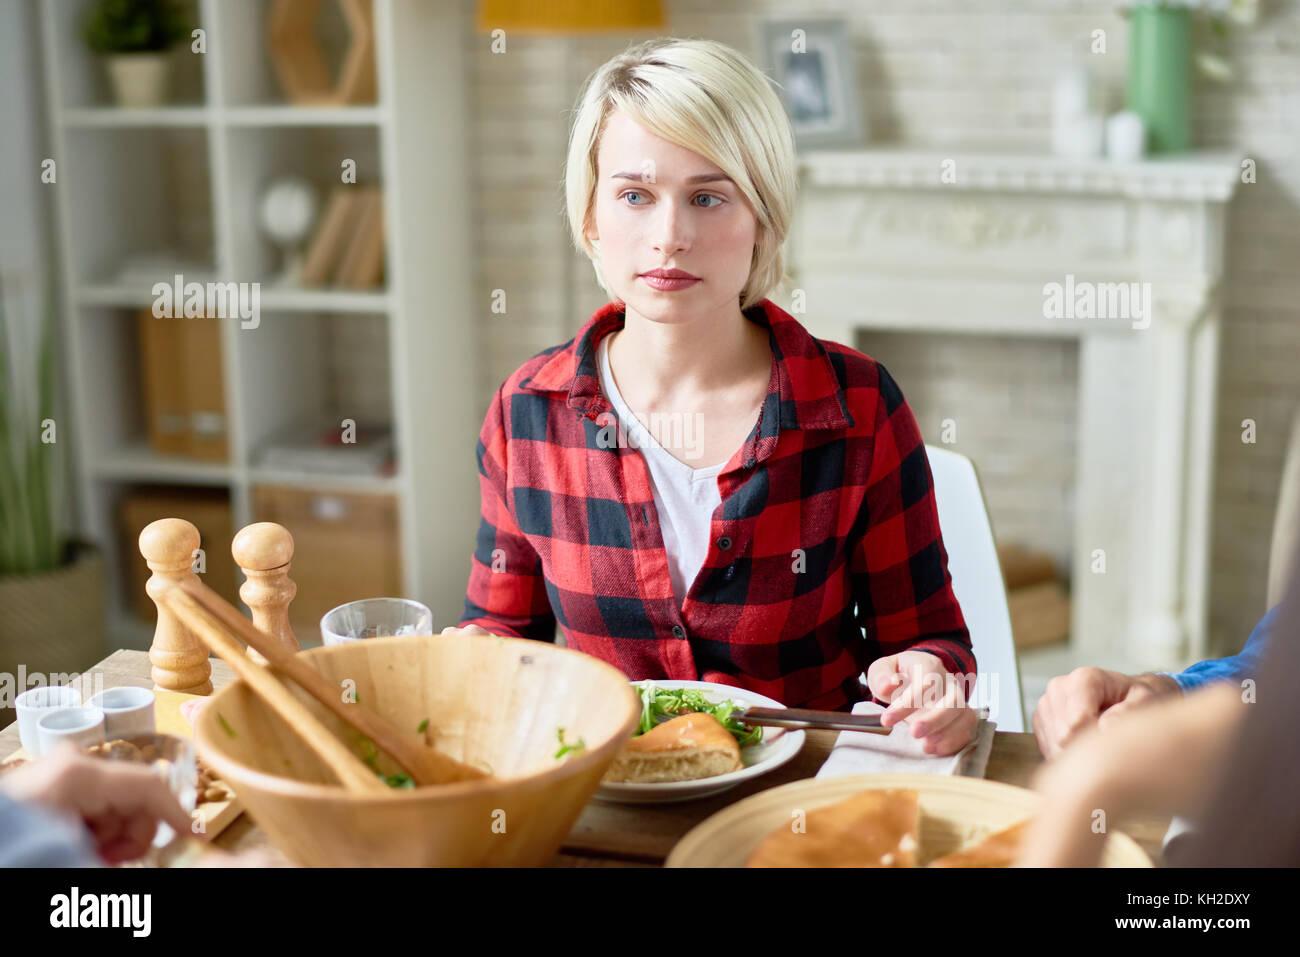 Porträt der blonde junge Frau am festlich gedeckten Tisch sitzen mit Freunden feiern Danksagung Stockbild